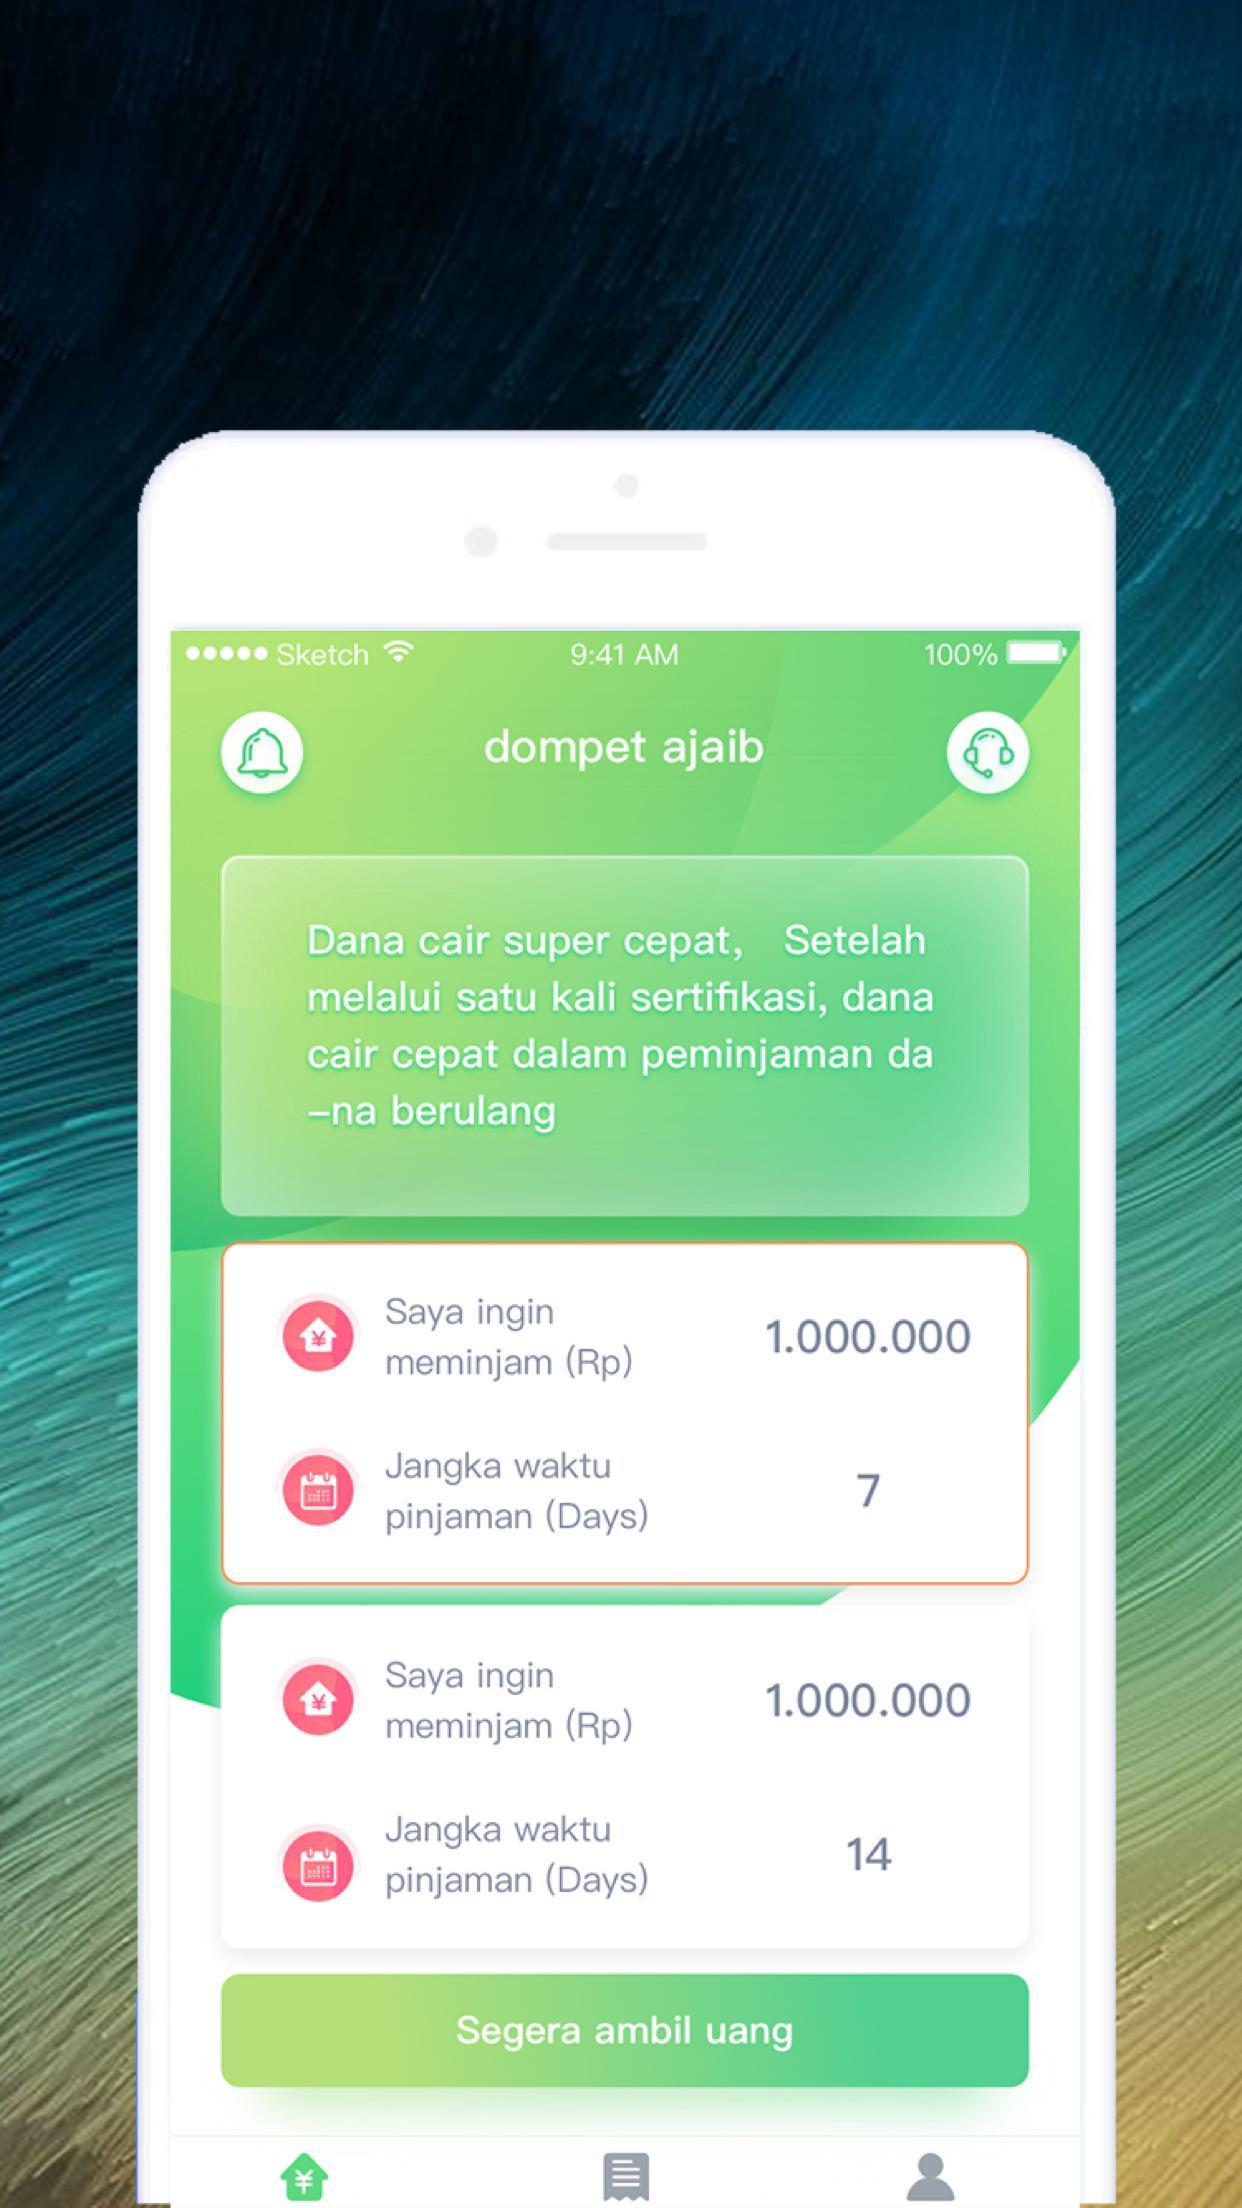 Dompet Ajaib Pinjaman Semua Orang Mudah Dan Cepat For Android Apk Download